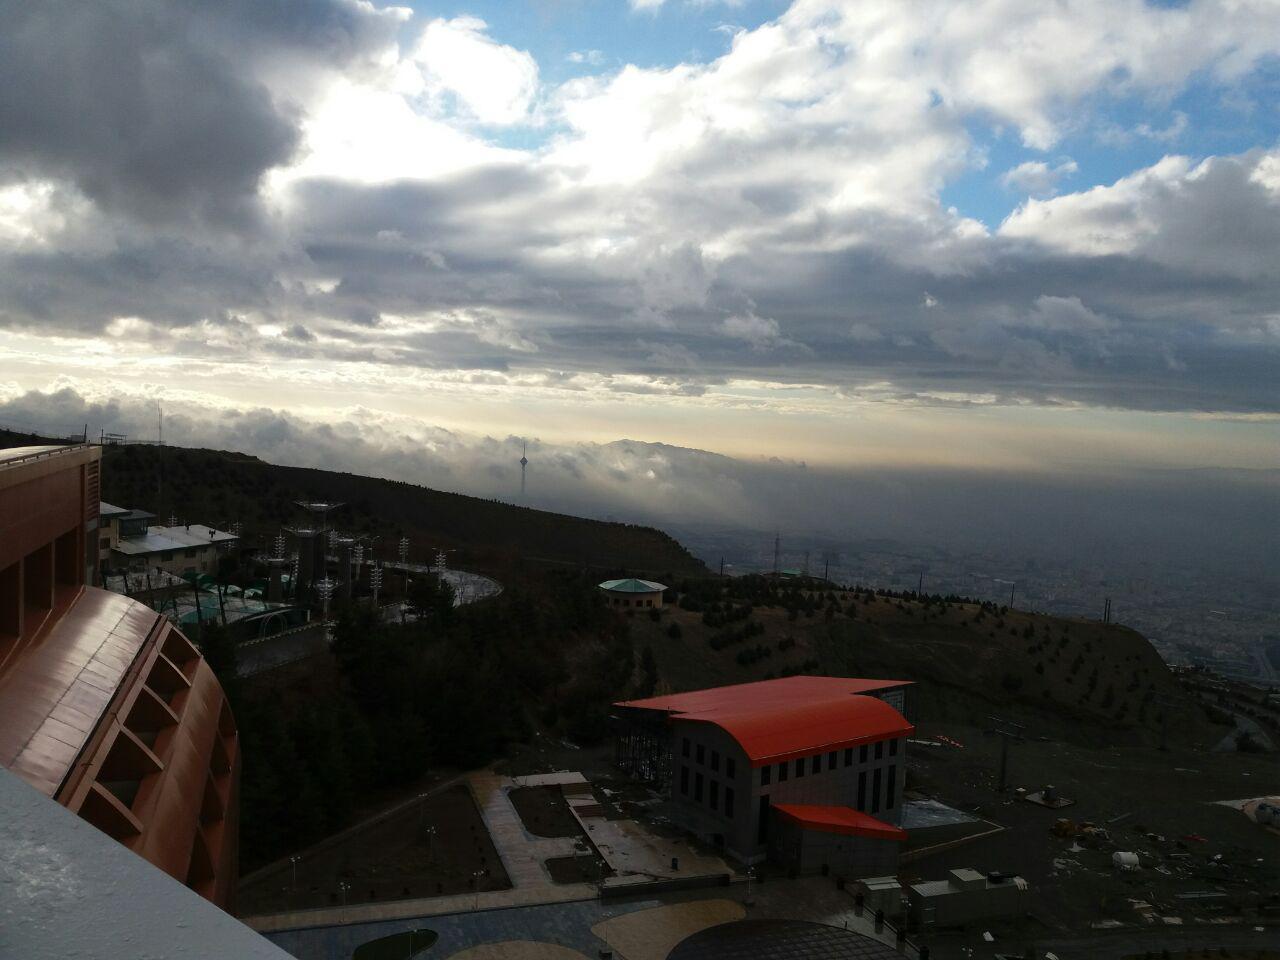 باشگاه خبرنگاران -نمایی زیبا از آسمان پایتخت + عکس